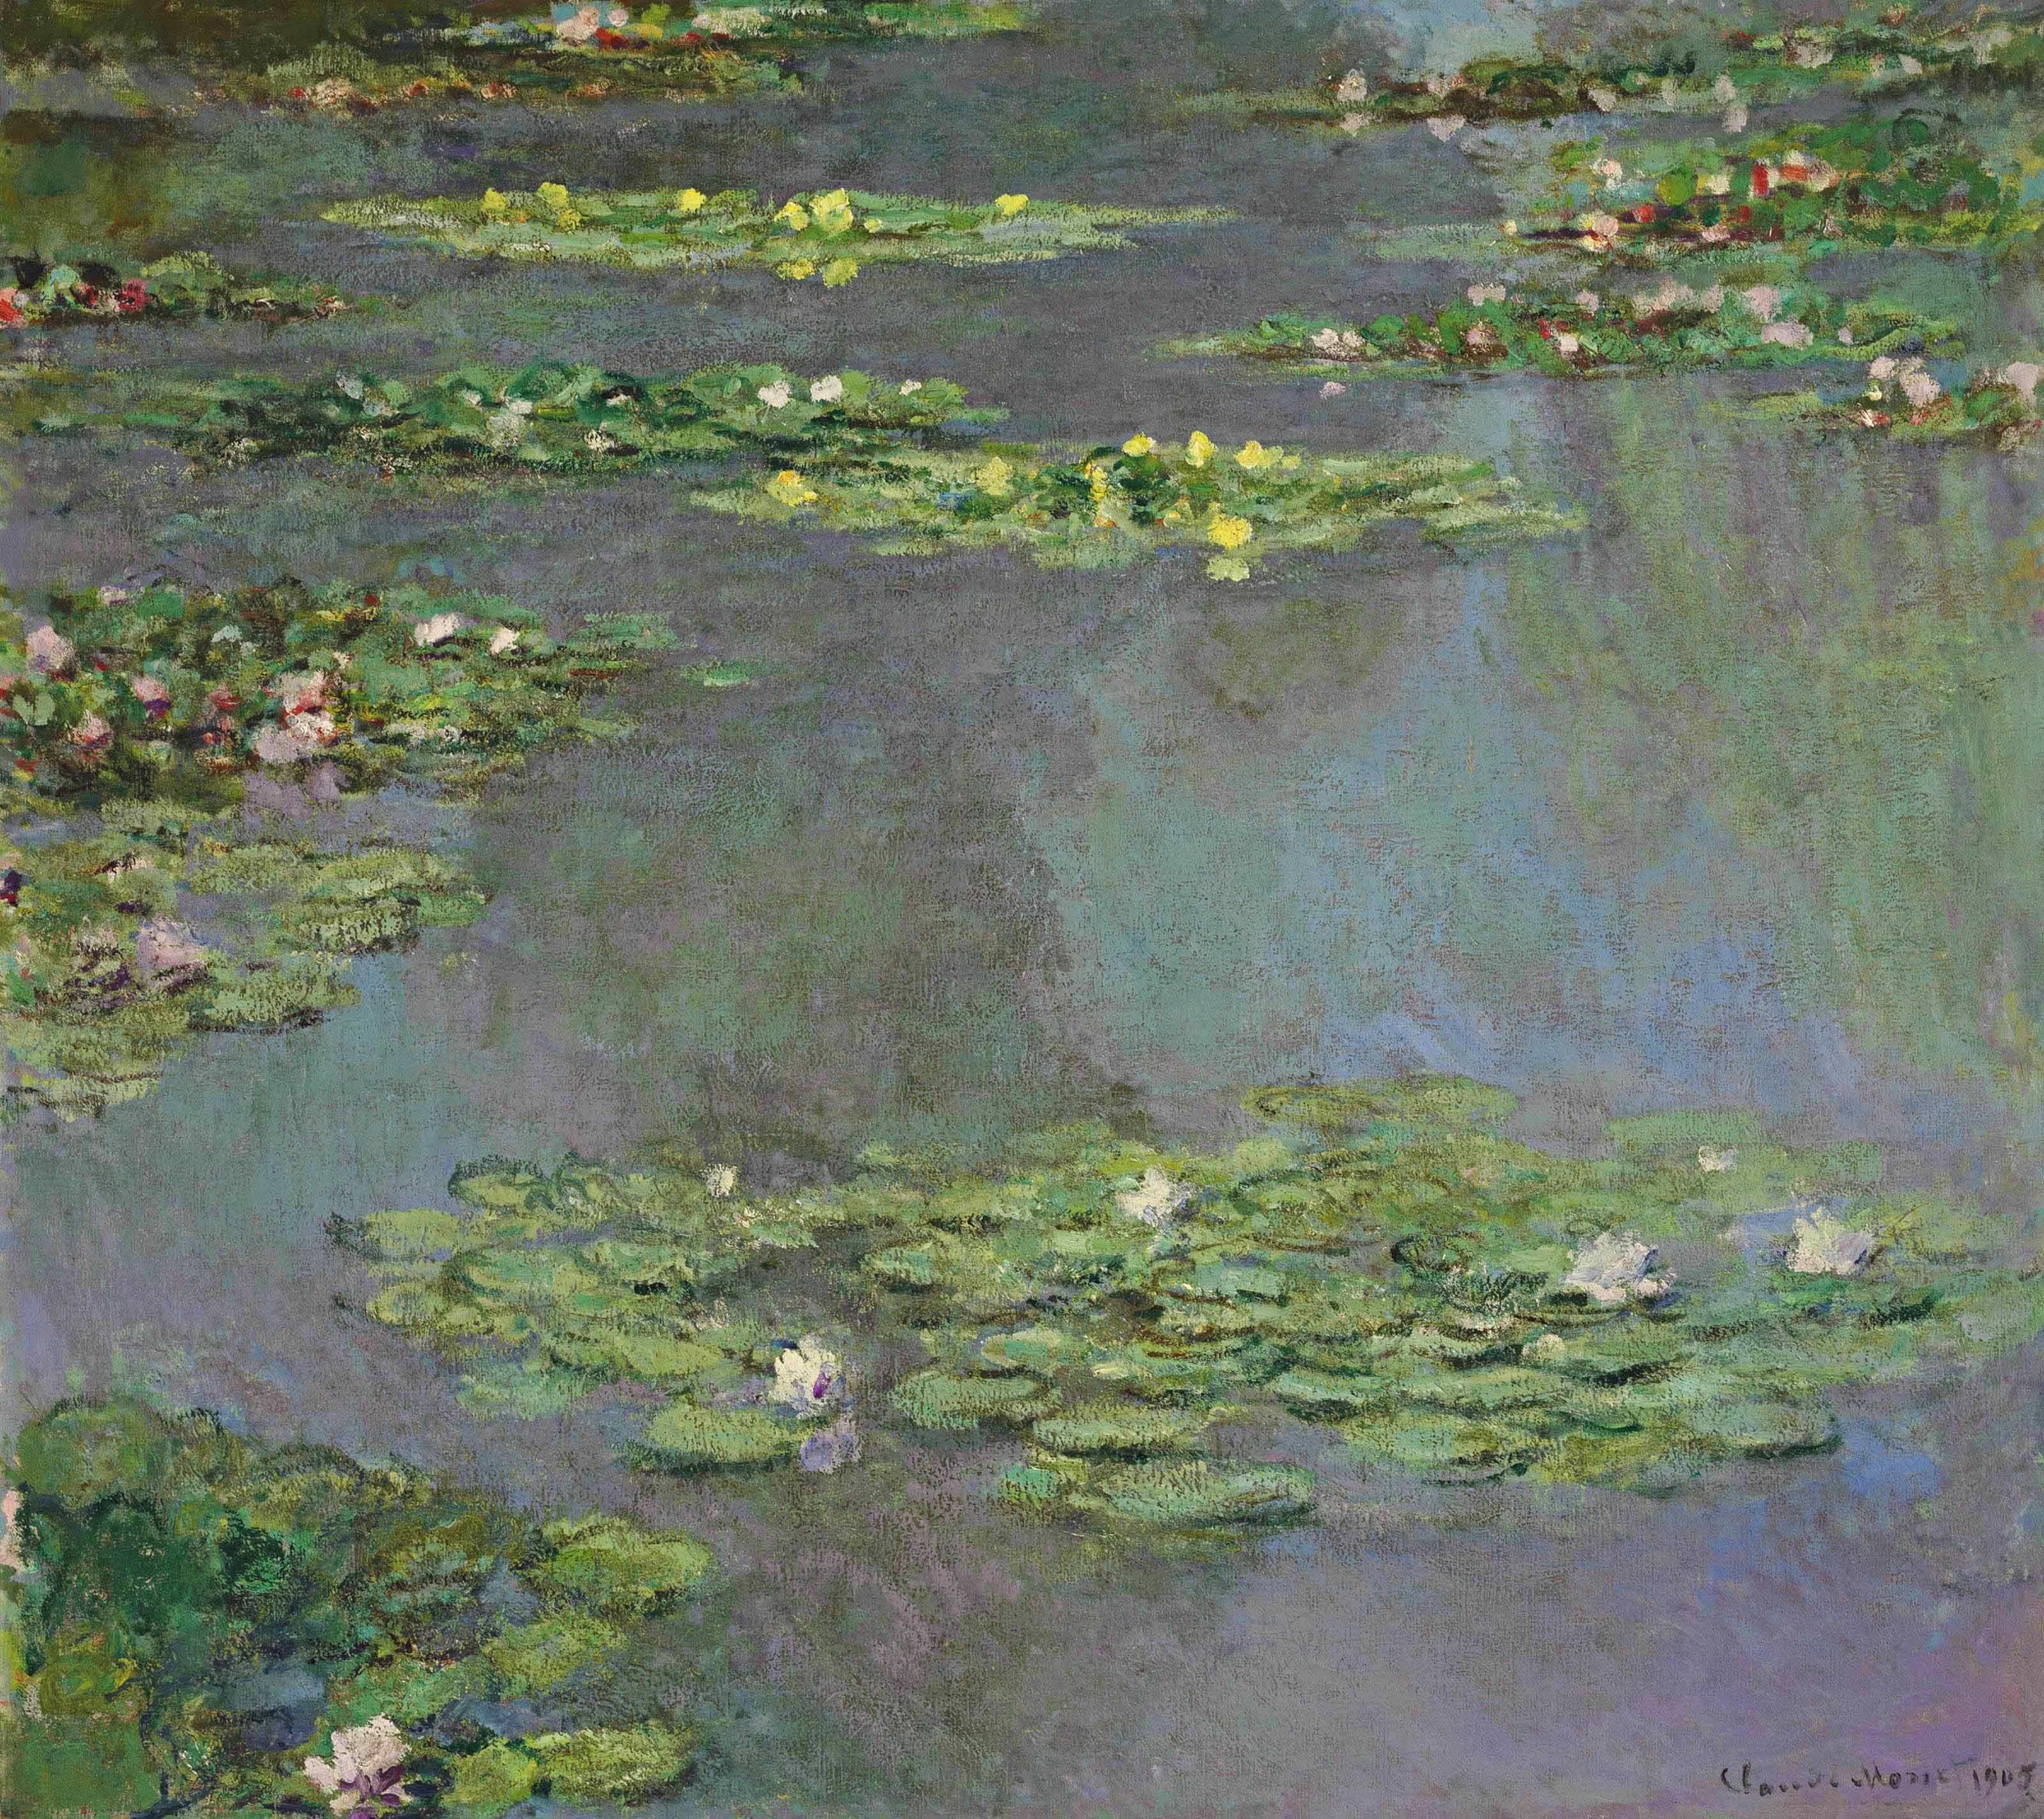 Monet: File:Claude Monet, Nymphéas (1905).jpg